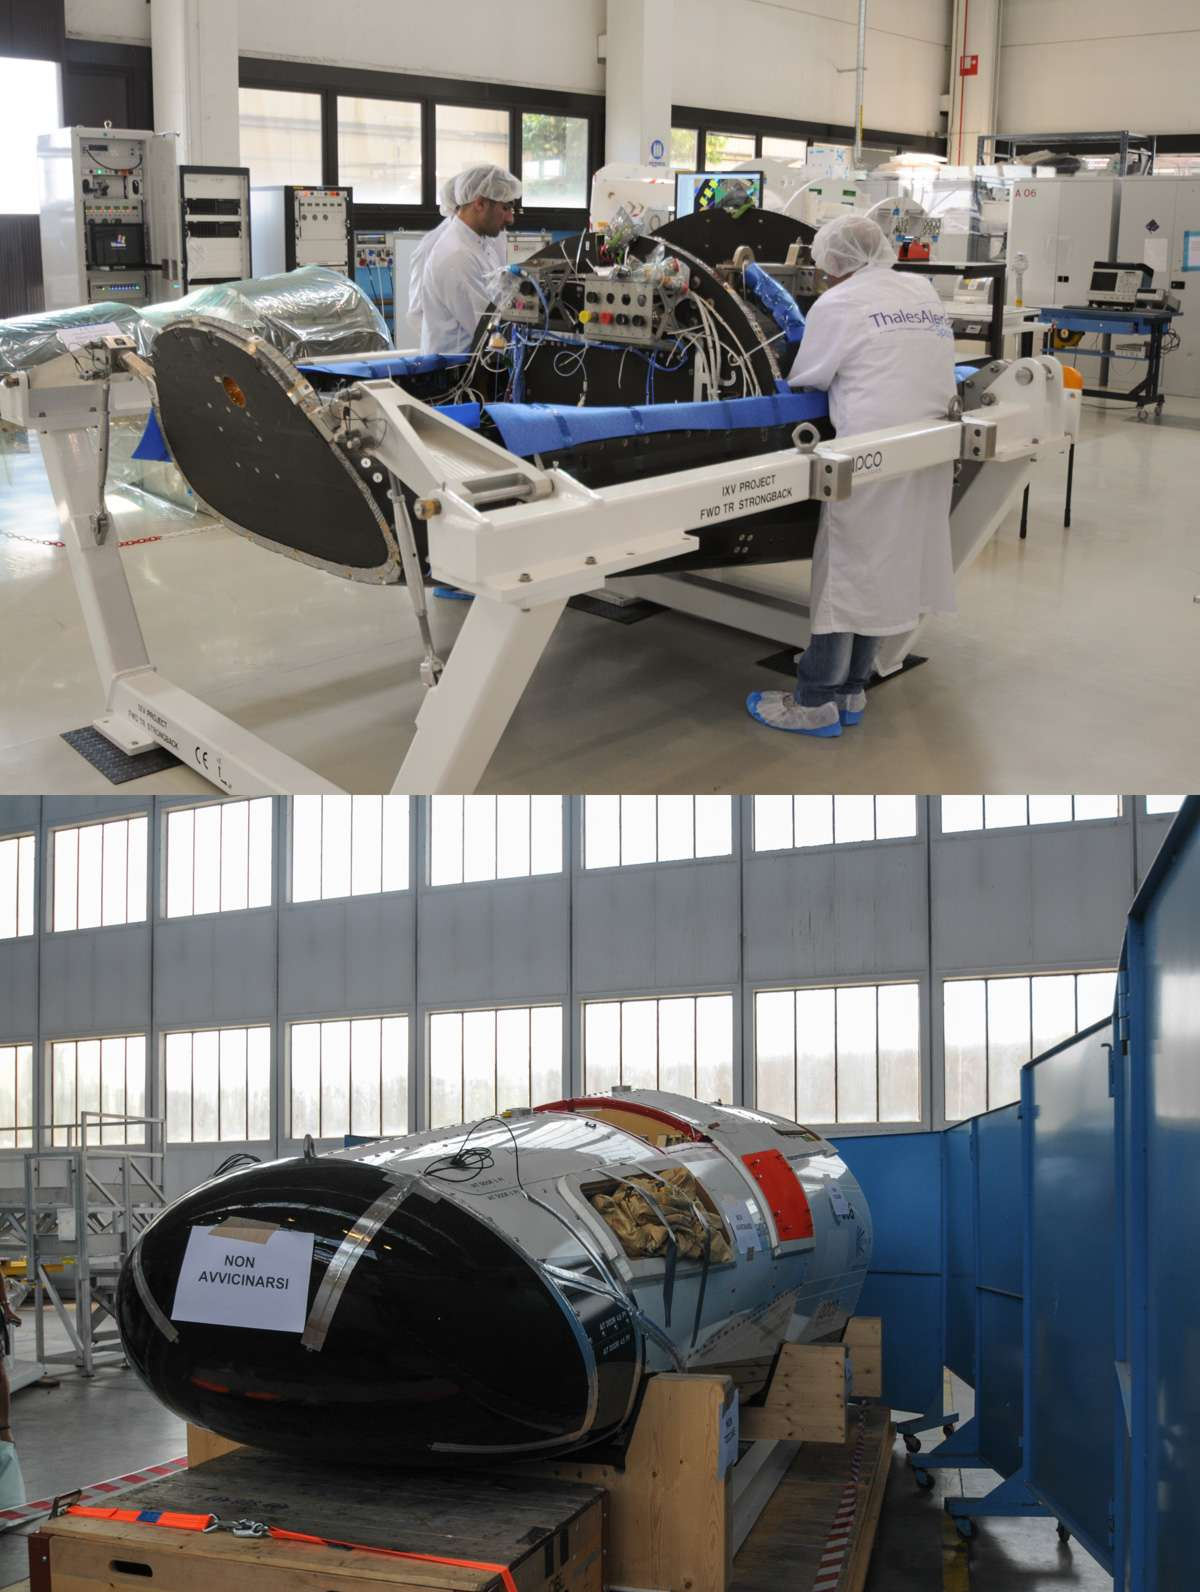 Après le succès de son amerrissage, la maquette de l'IXV est retournée dans l'usine turinoise de Thales Alenia Space. Utilisé pour vérifier les systèmes de descente et de récupération envisagés pour l'IXV, l'essai de cette maquette a été un succès. © Rémy Decourt, Futura-Sciences